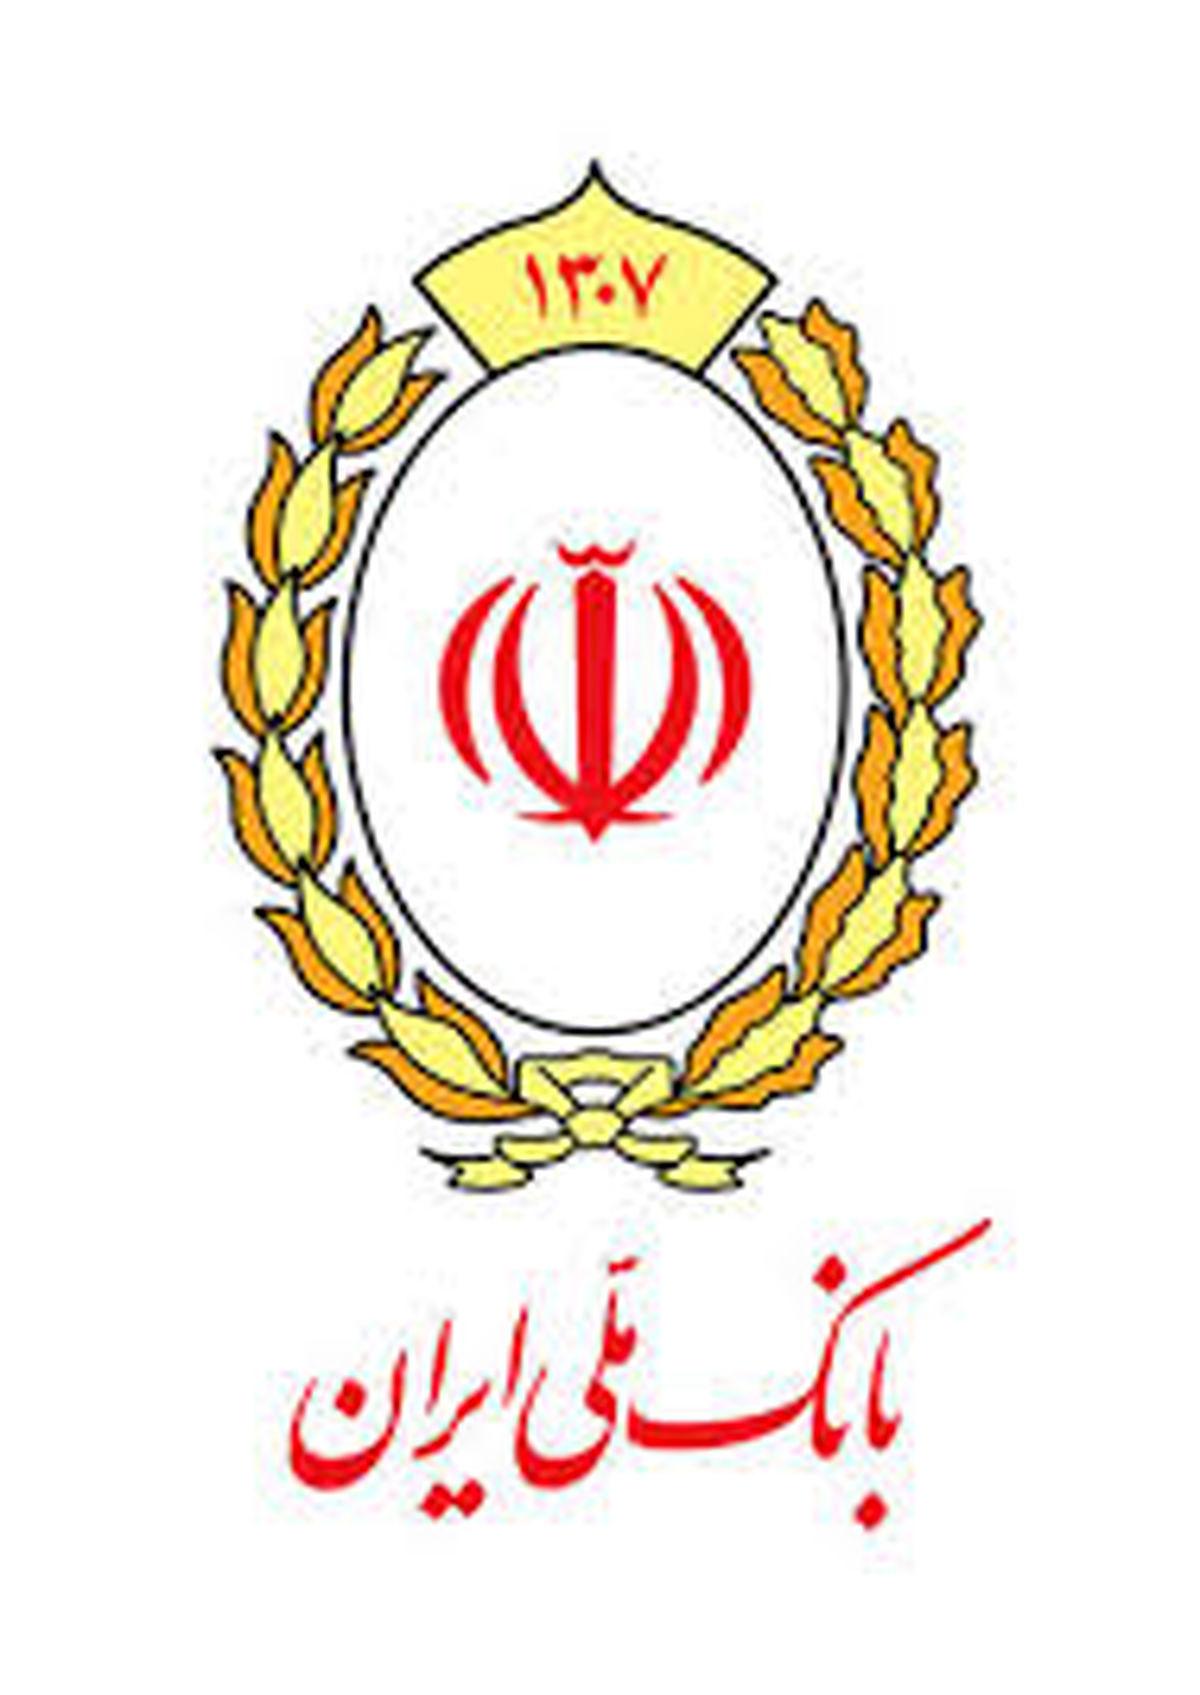 اطلاعیه بانک ملی ایران درباره انسداد حساب های مشتریان حقیقی فاقد کد شهاب